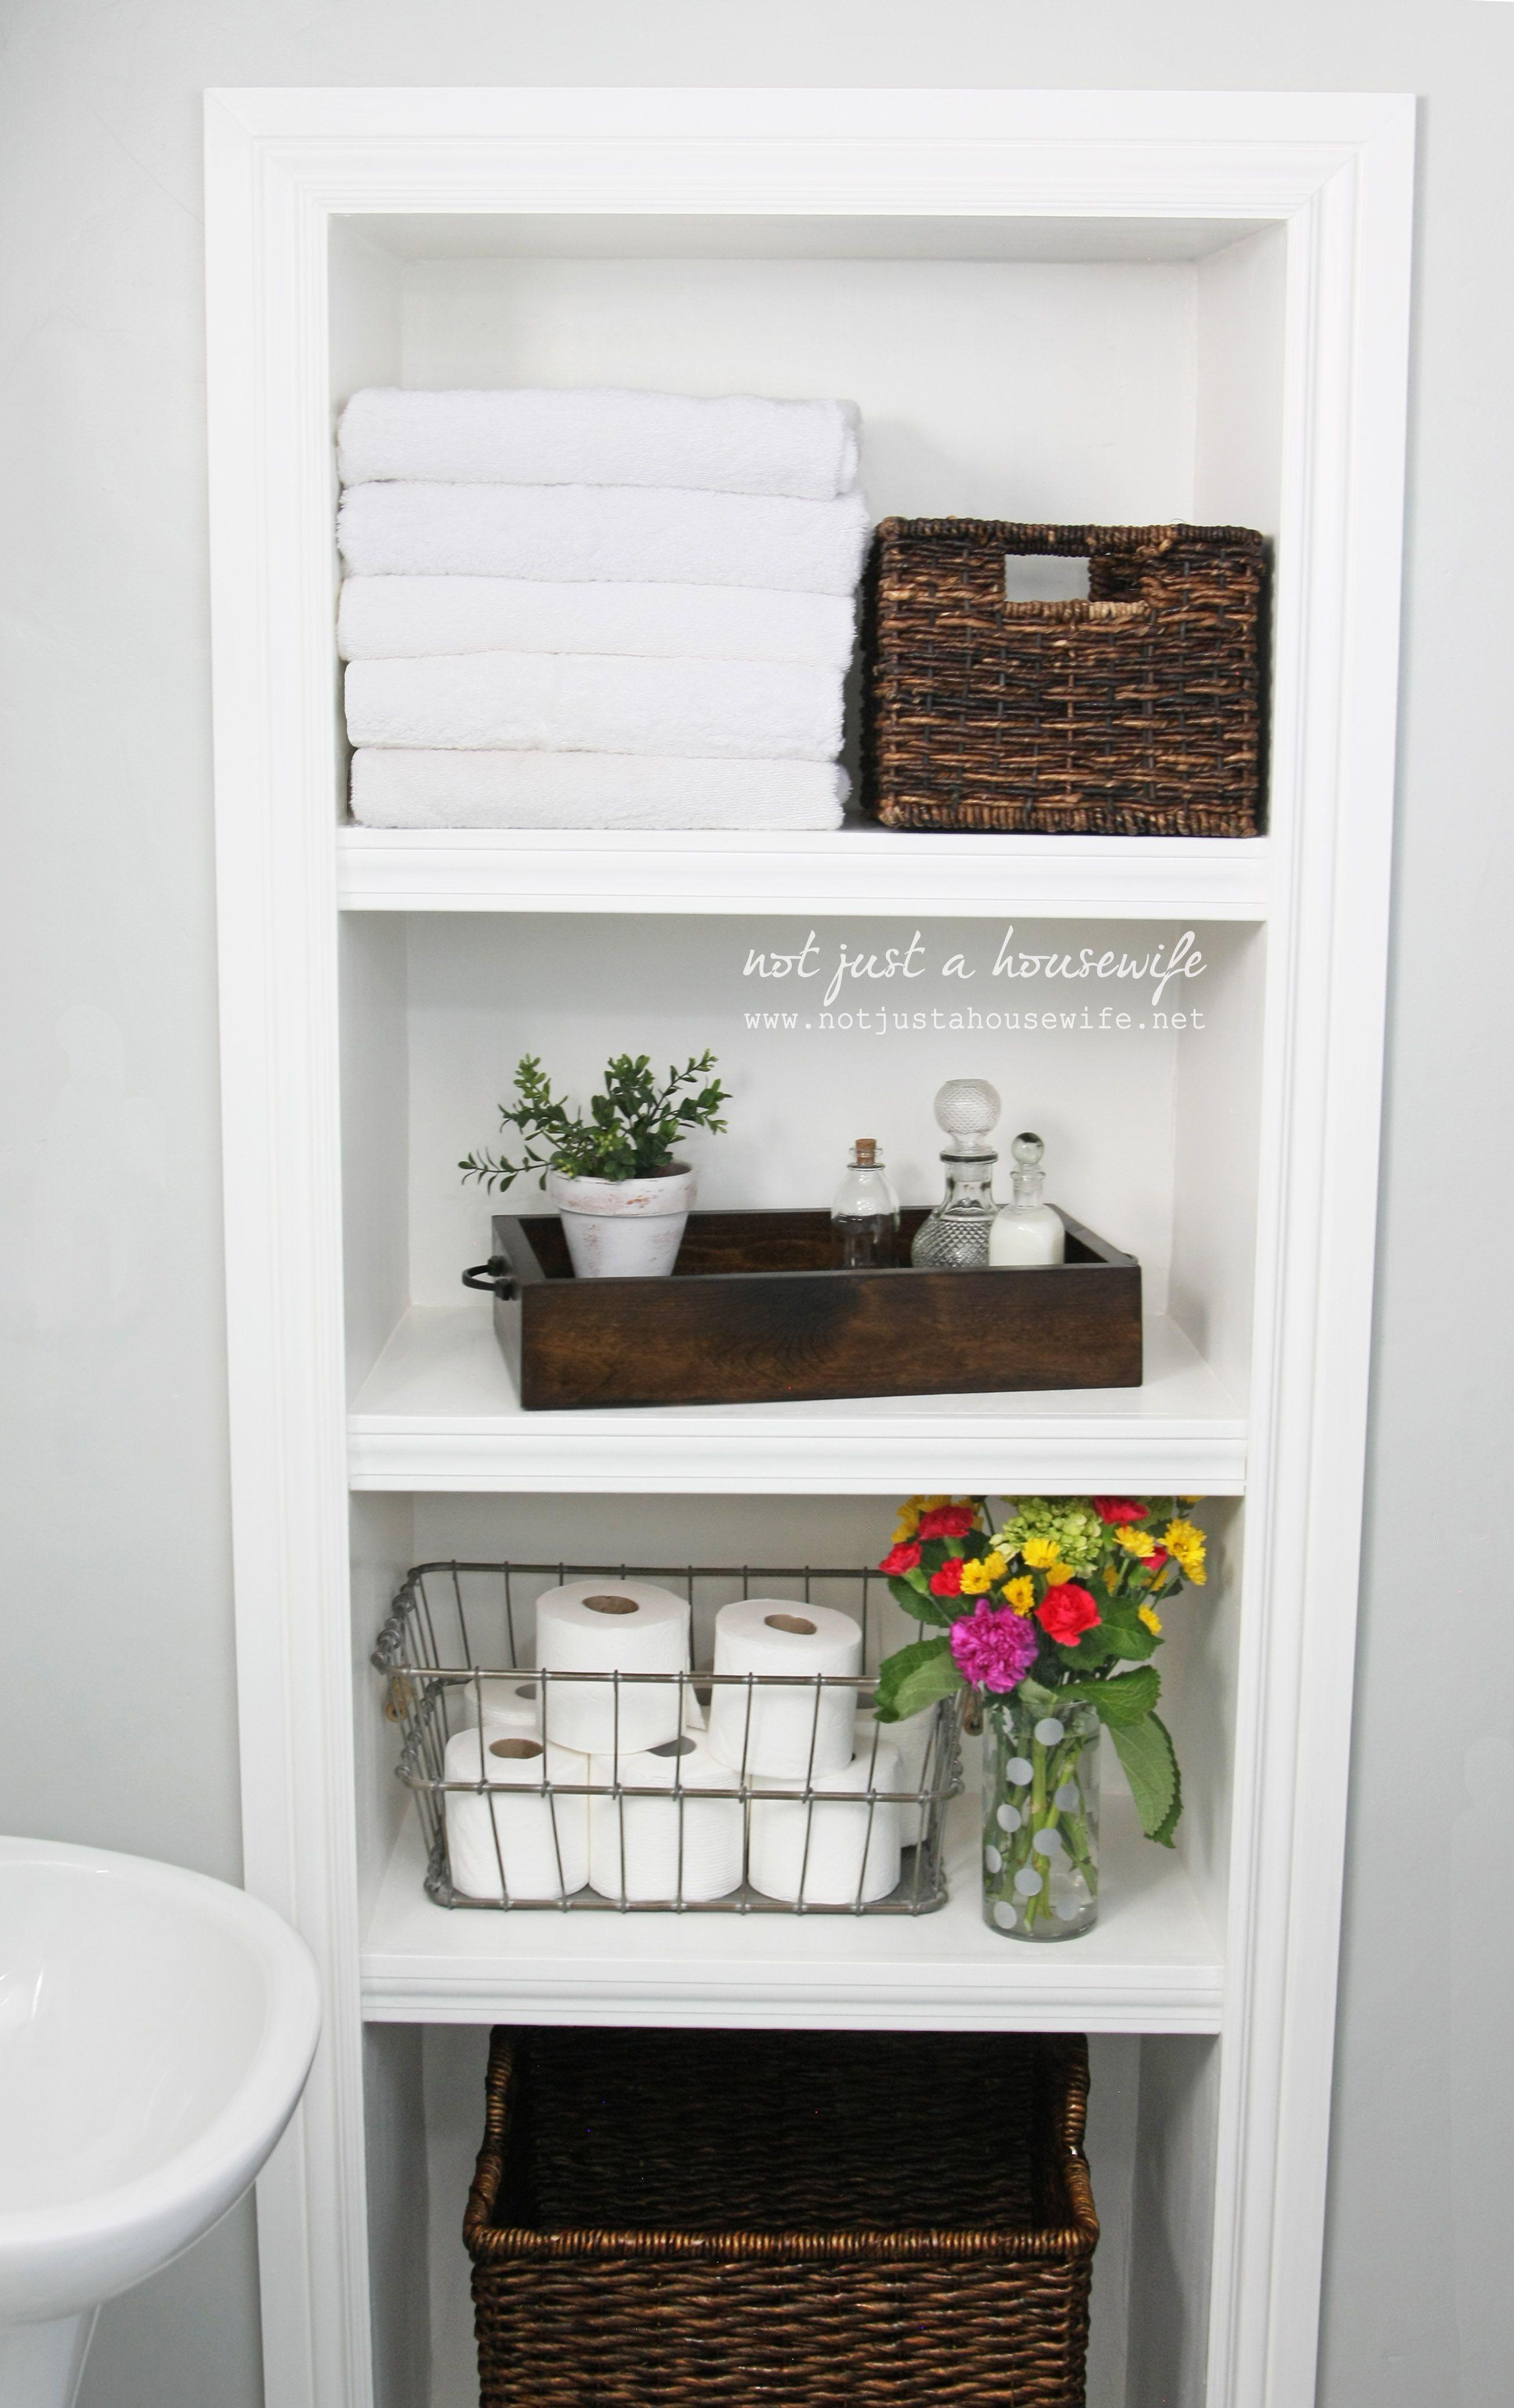 Ansprechende Badezimmer Regale Design Zu Speichern Bad Elemente Und Verschonern Sie Ihr Badezimmer Badezimmer Regal Haus Deko